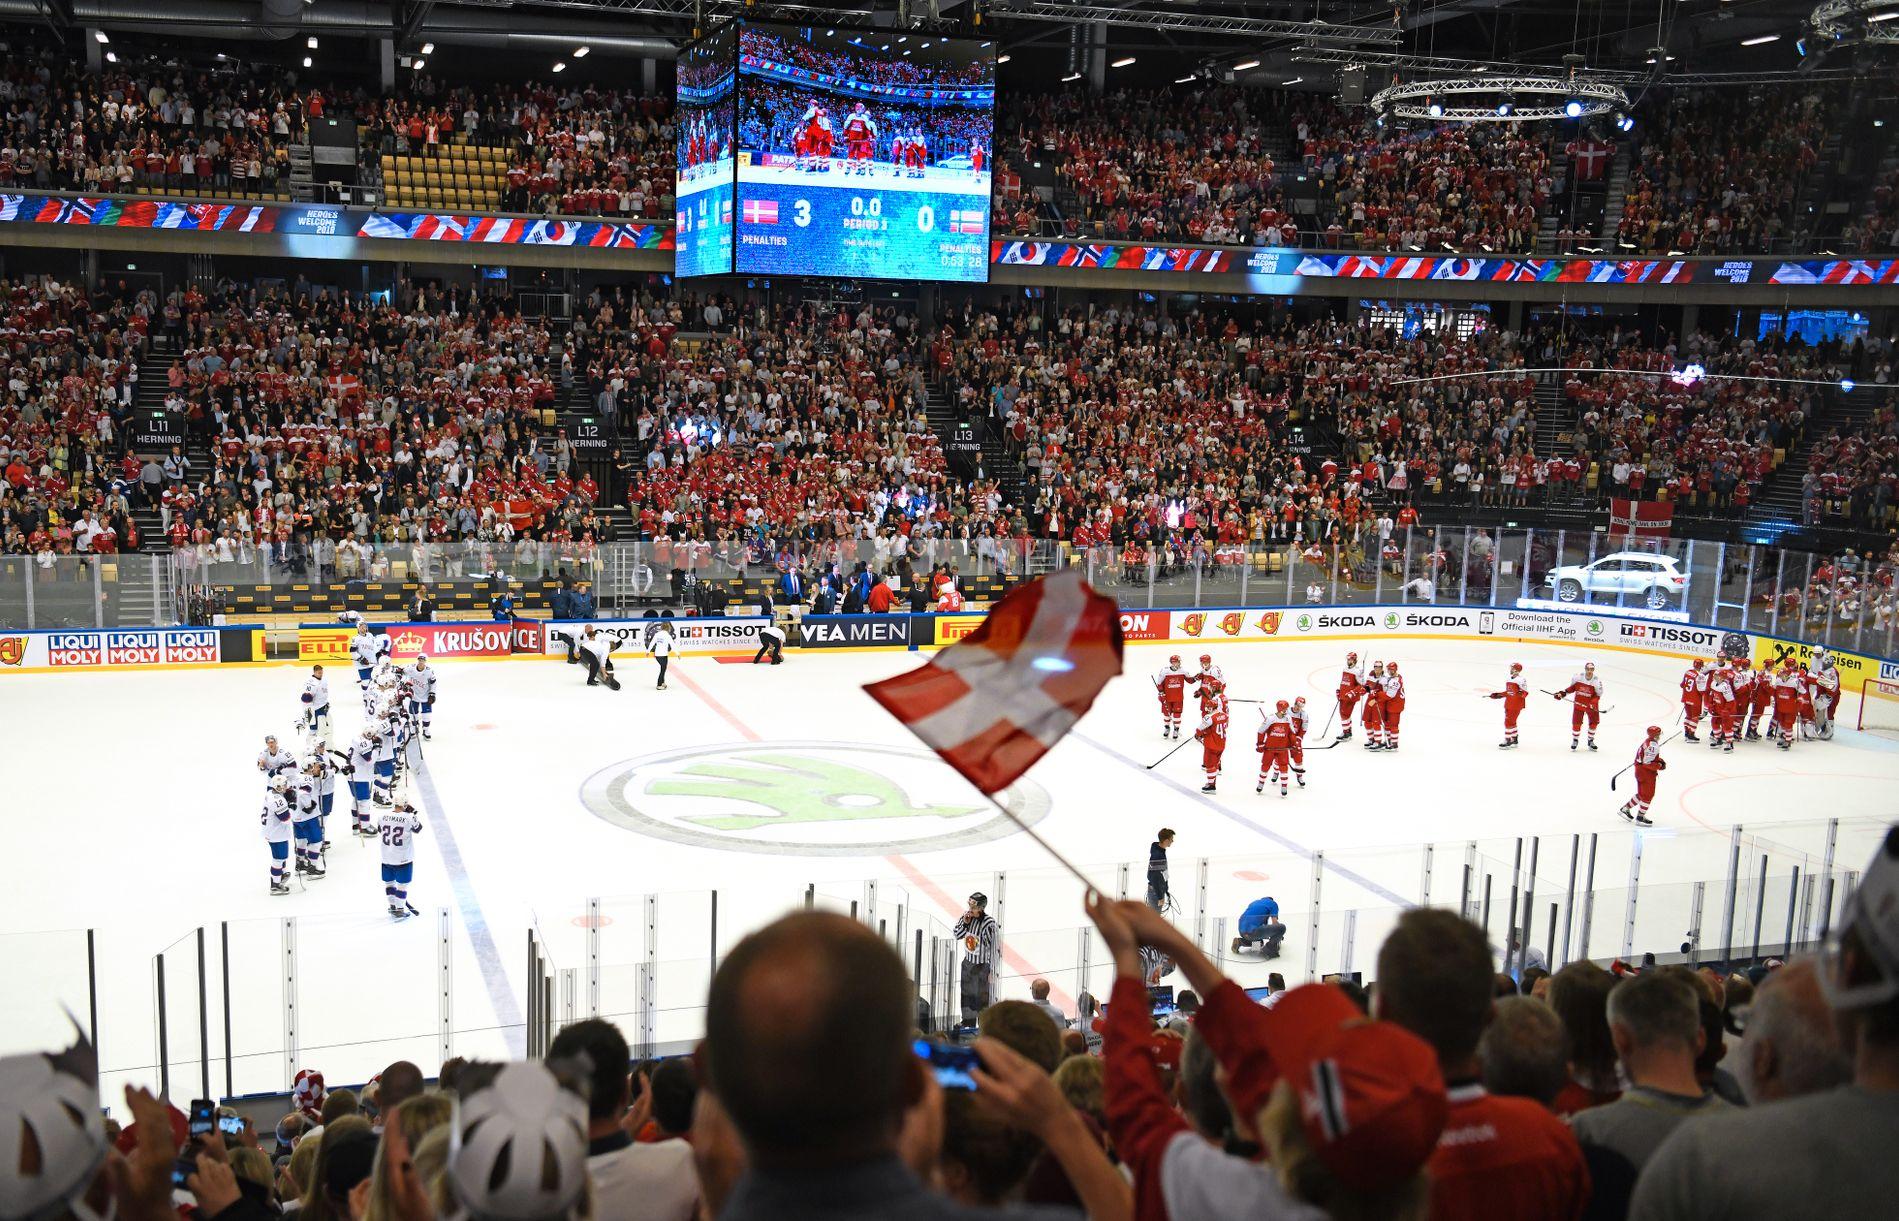 GAME OVER: Landslagssjef Petter Thoresen, helt til høyre i Norges spillerboks, kaster et langt blikk mot jublende danske spillere etter Norge definitivt er ute av kampen om VM-kvarfinalen. Nå må hockeygutta innstille seg på å unngå å rykke ned til B-VM i mesterskapets siste kamp mot nyopprykkede Sør-Korea mandag.